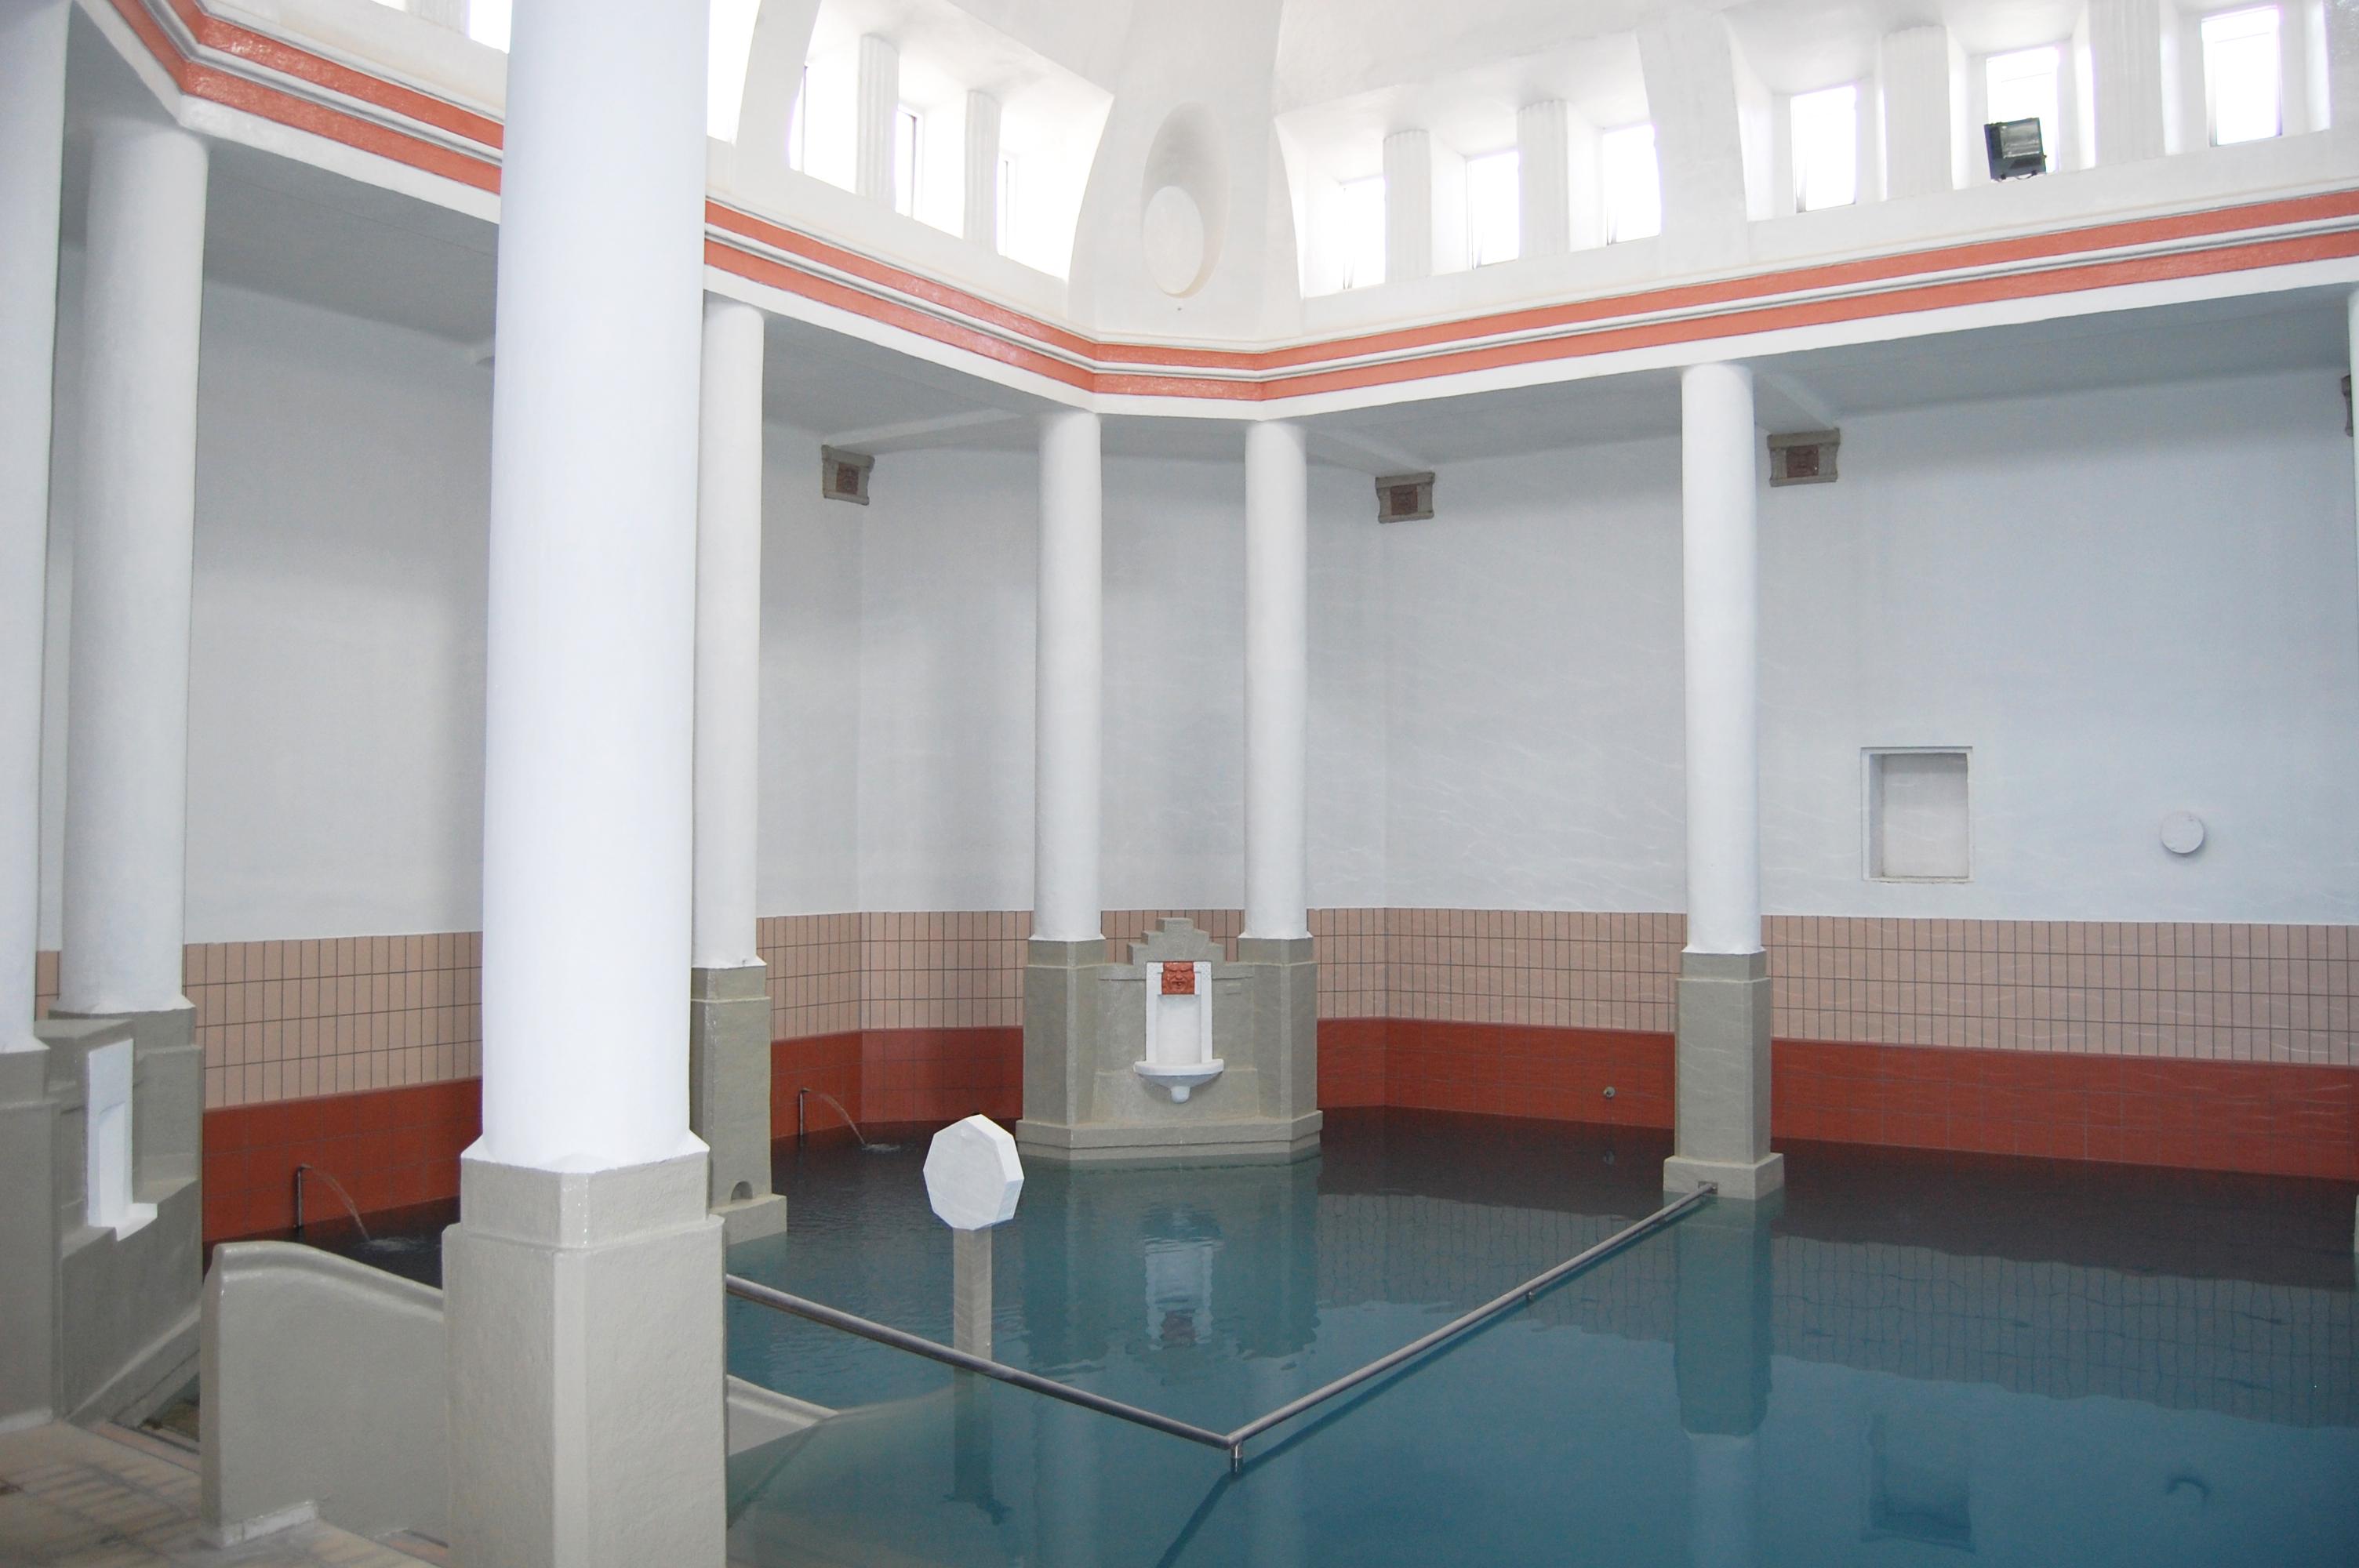 Pressebericht | Danubius All inclusive, Wellness- und Spa-Hotels